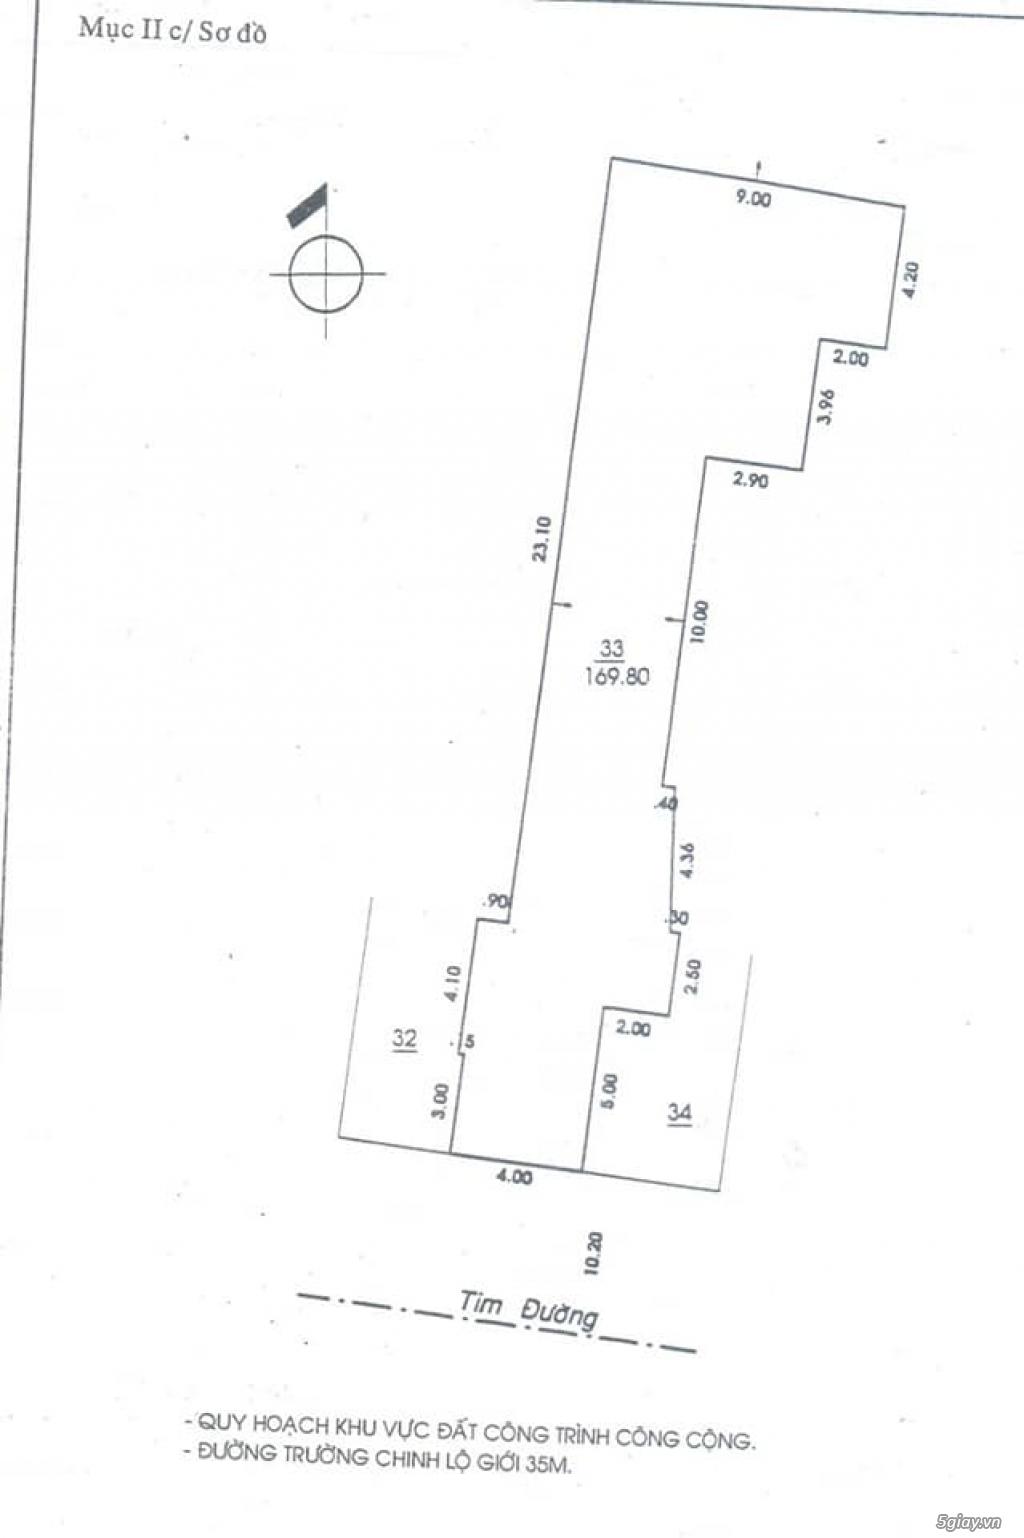 Nhà Bán Quận 2,4,6,8,10,12,Tân Phú, Tân Bình, Bình Tân,Gò Vấp, Thủ Đức - 1